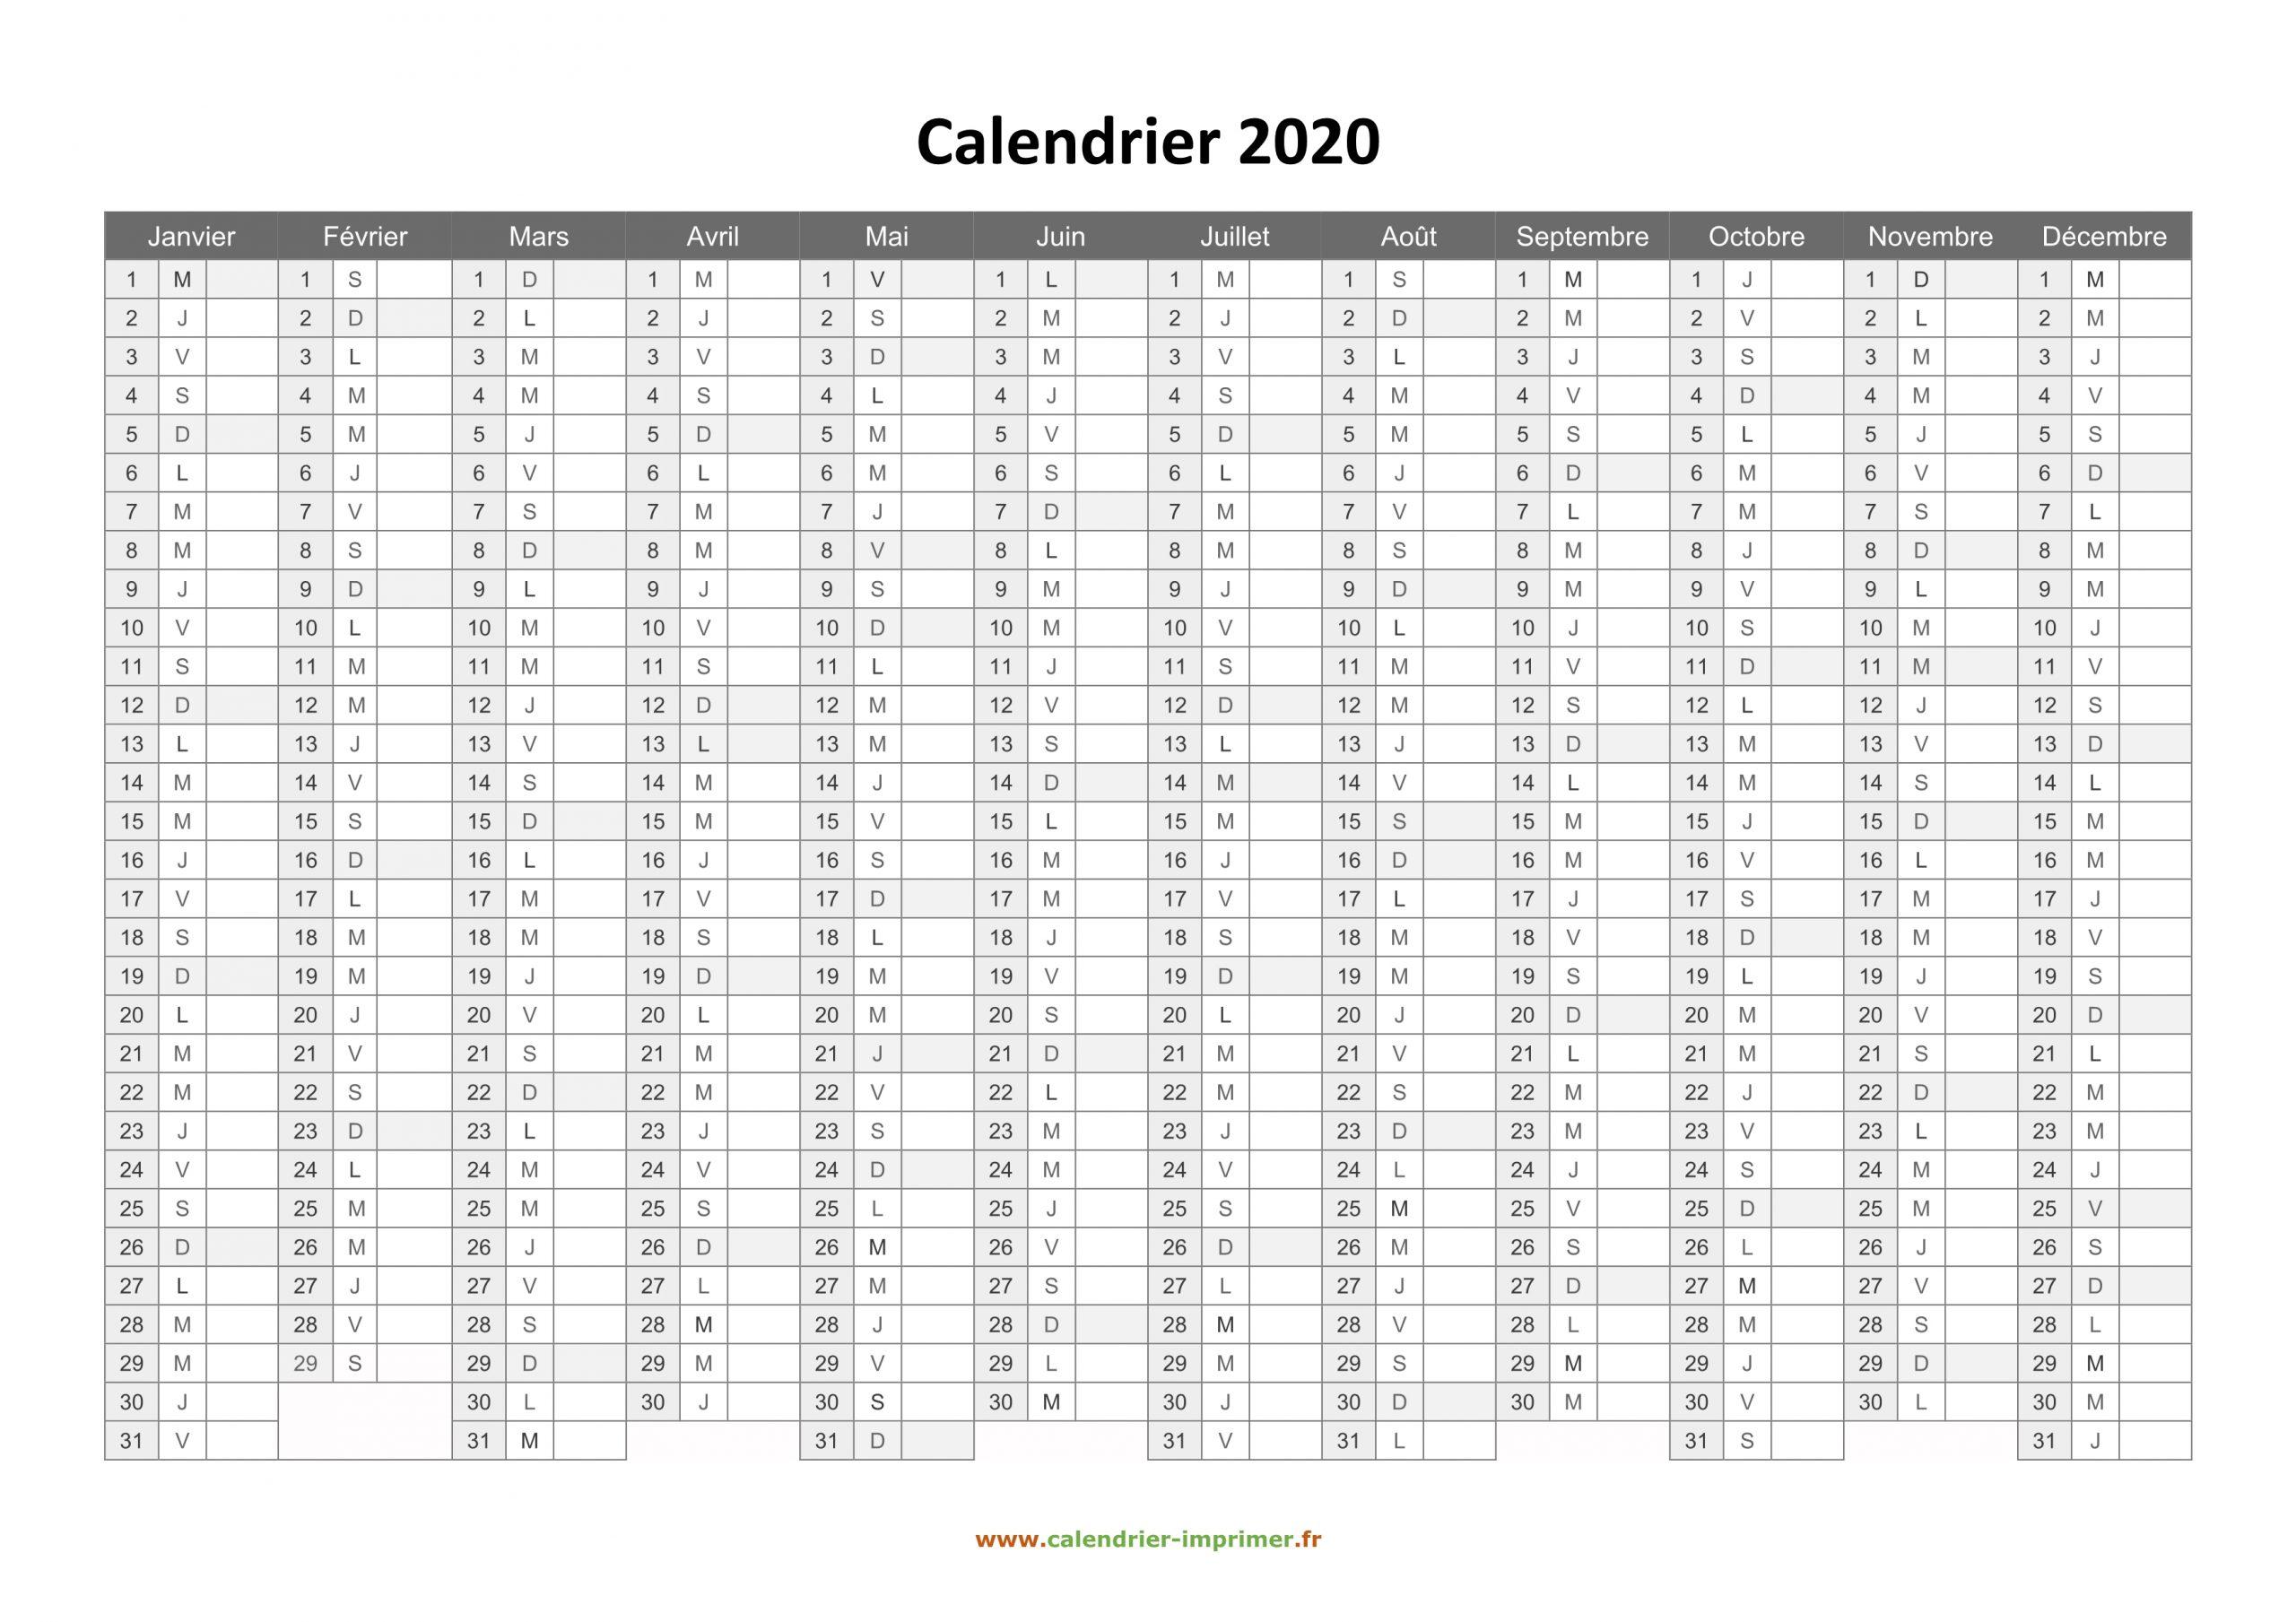 Calendrier 2020 À Imprimer Gratuit serapportantà Calendrier Annuel 2018 À Imprimer